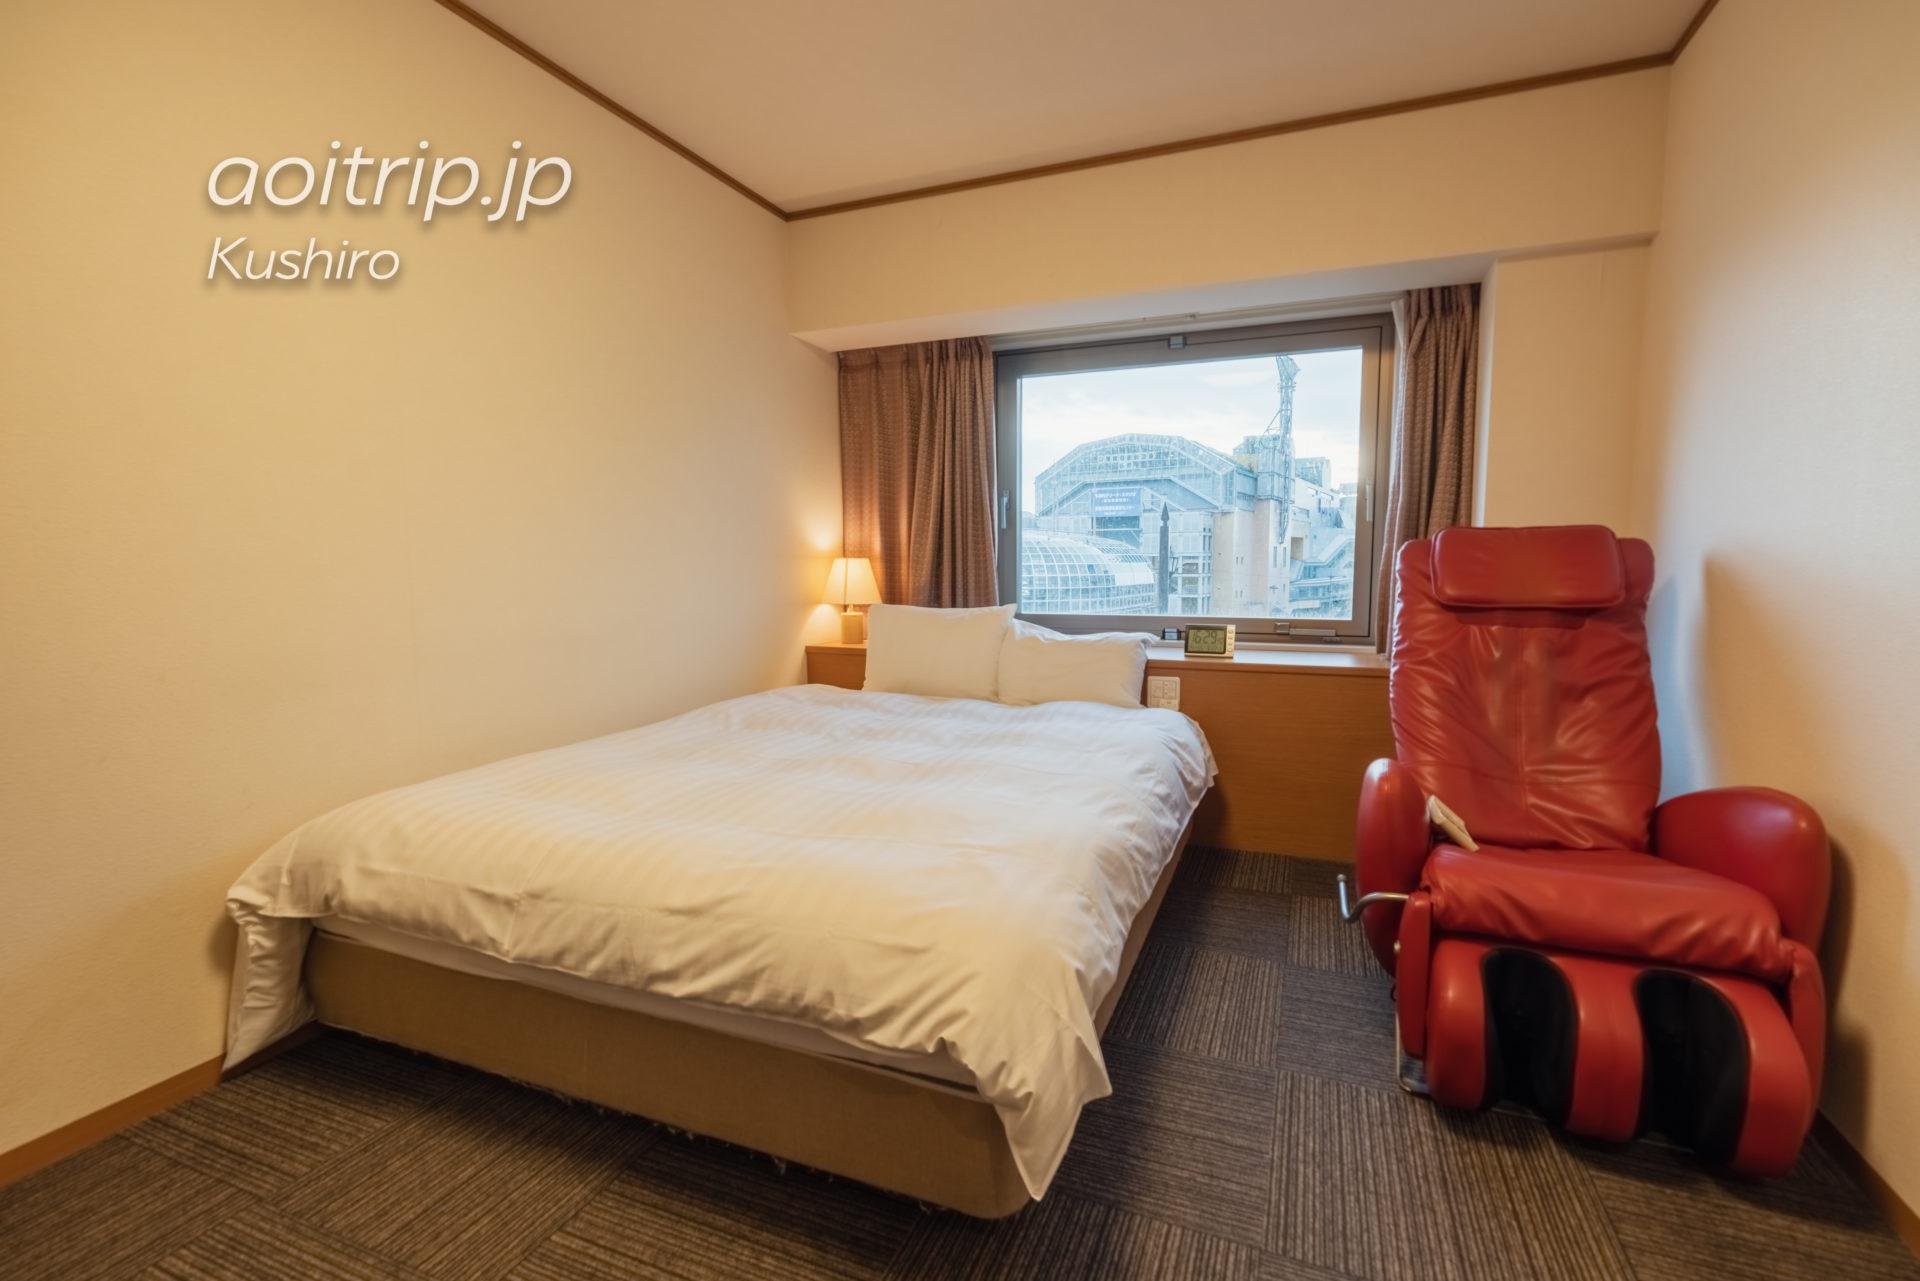 天然温泉 幣舞の湯 ラビスタ釧路川 宿泊記|La Vista Kushirogawa クイーンルームの客室